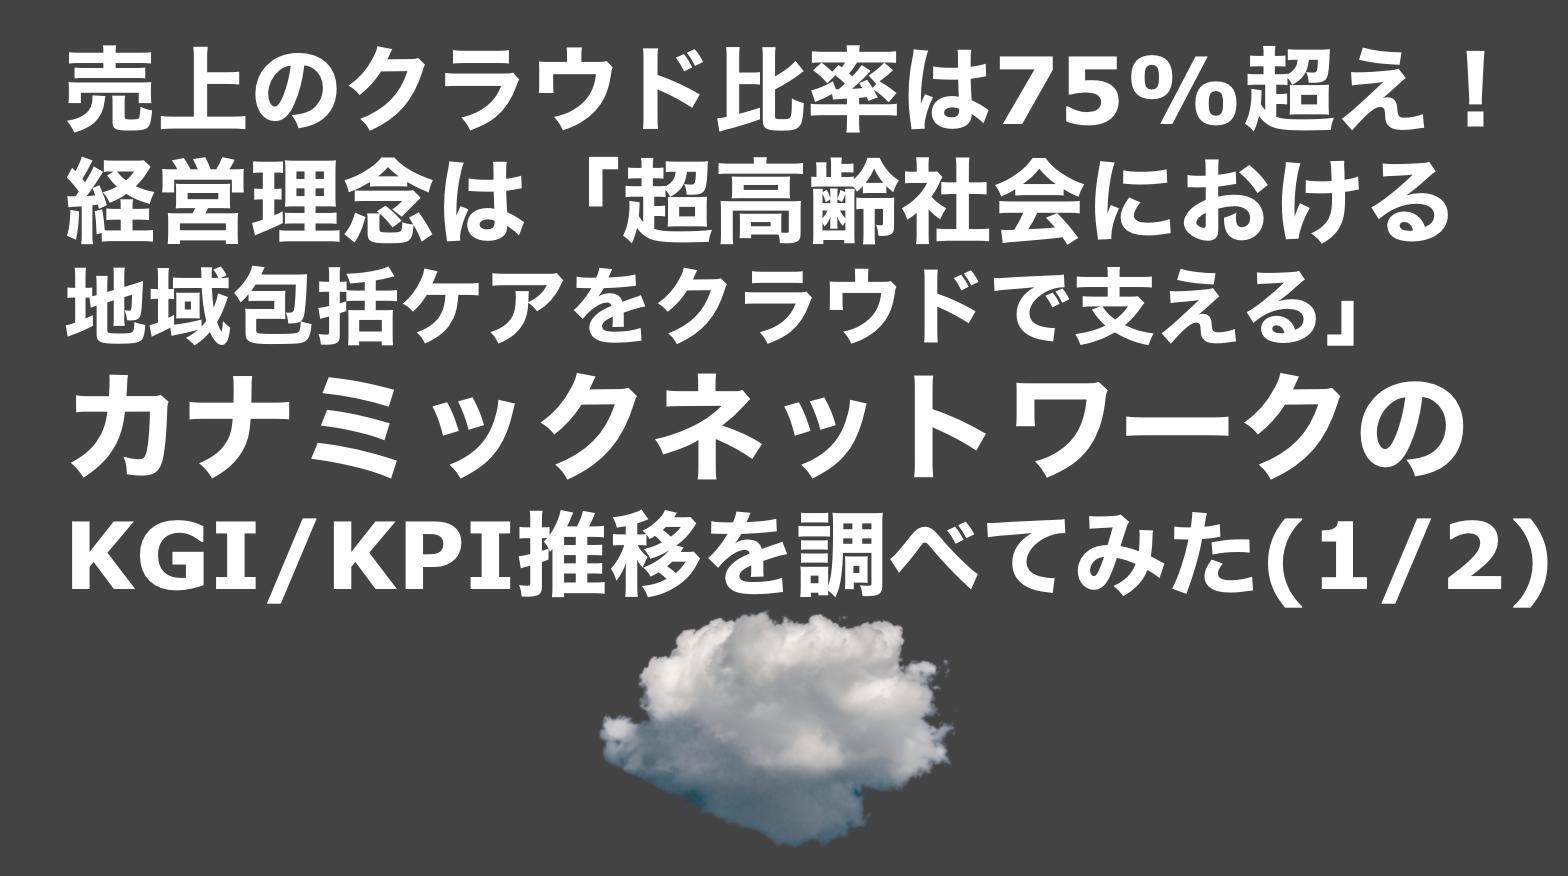 saaslife_売上のクラウド比率は75%超え!経営理念は「超高齢社会における地域包括ケアをクラウドで支える」!カナミックネットワークのKGI/KPI推移を調べてみた(1/2)